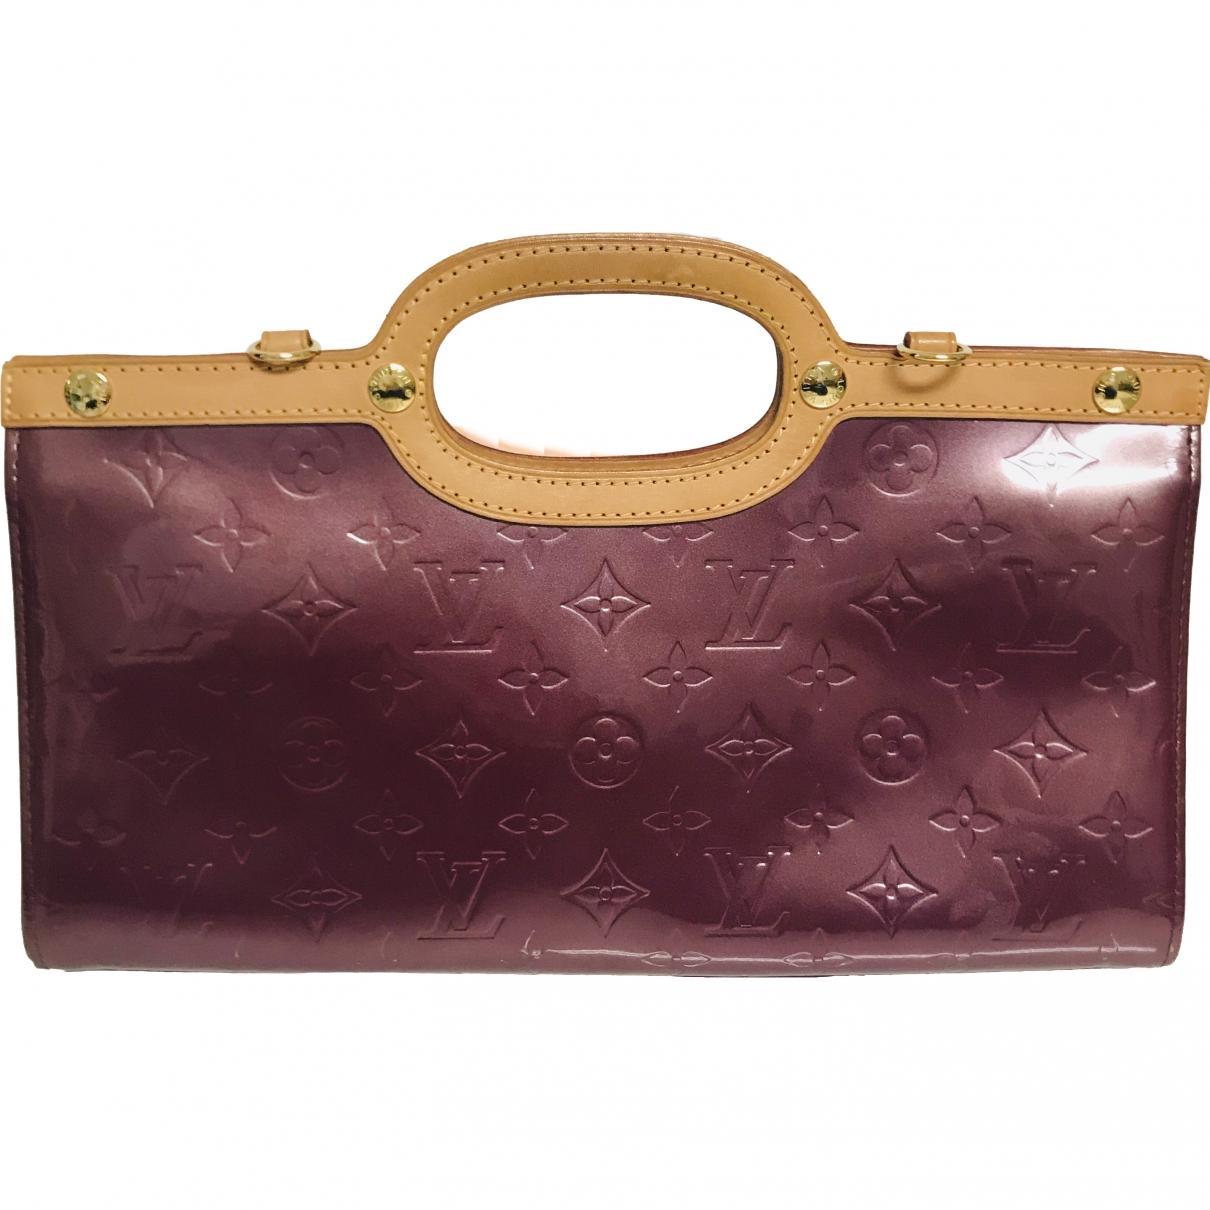 1387983b91e Lyst - Sac à main Roxbury en cuir verni Louis Vuitton en coloris Violet